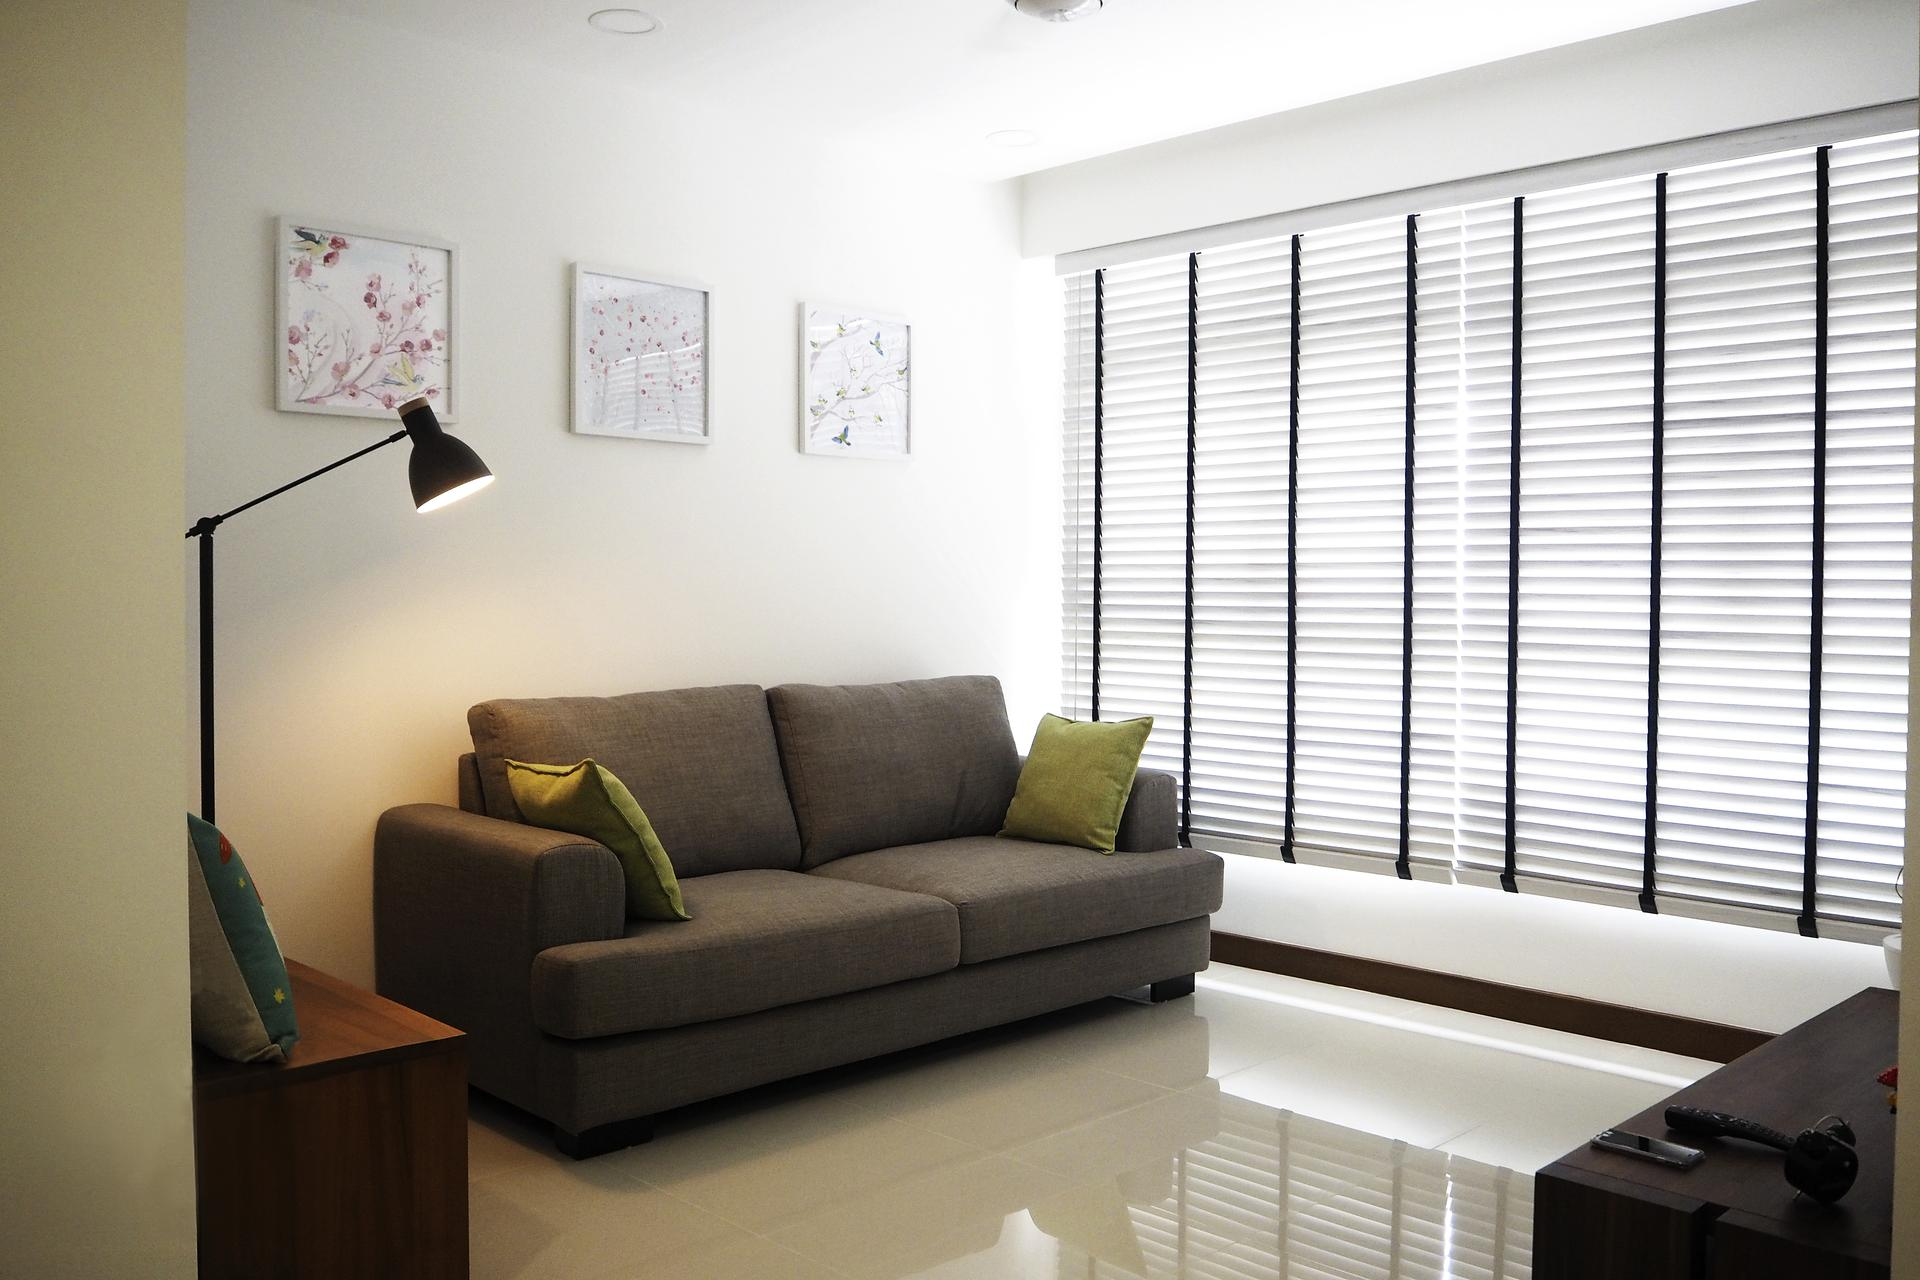 Nest design 6 home renovation singapore for Nest home design